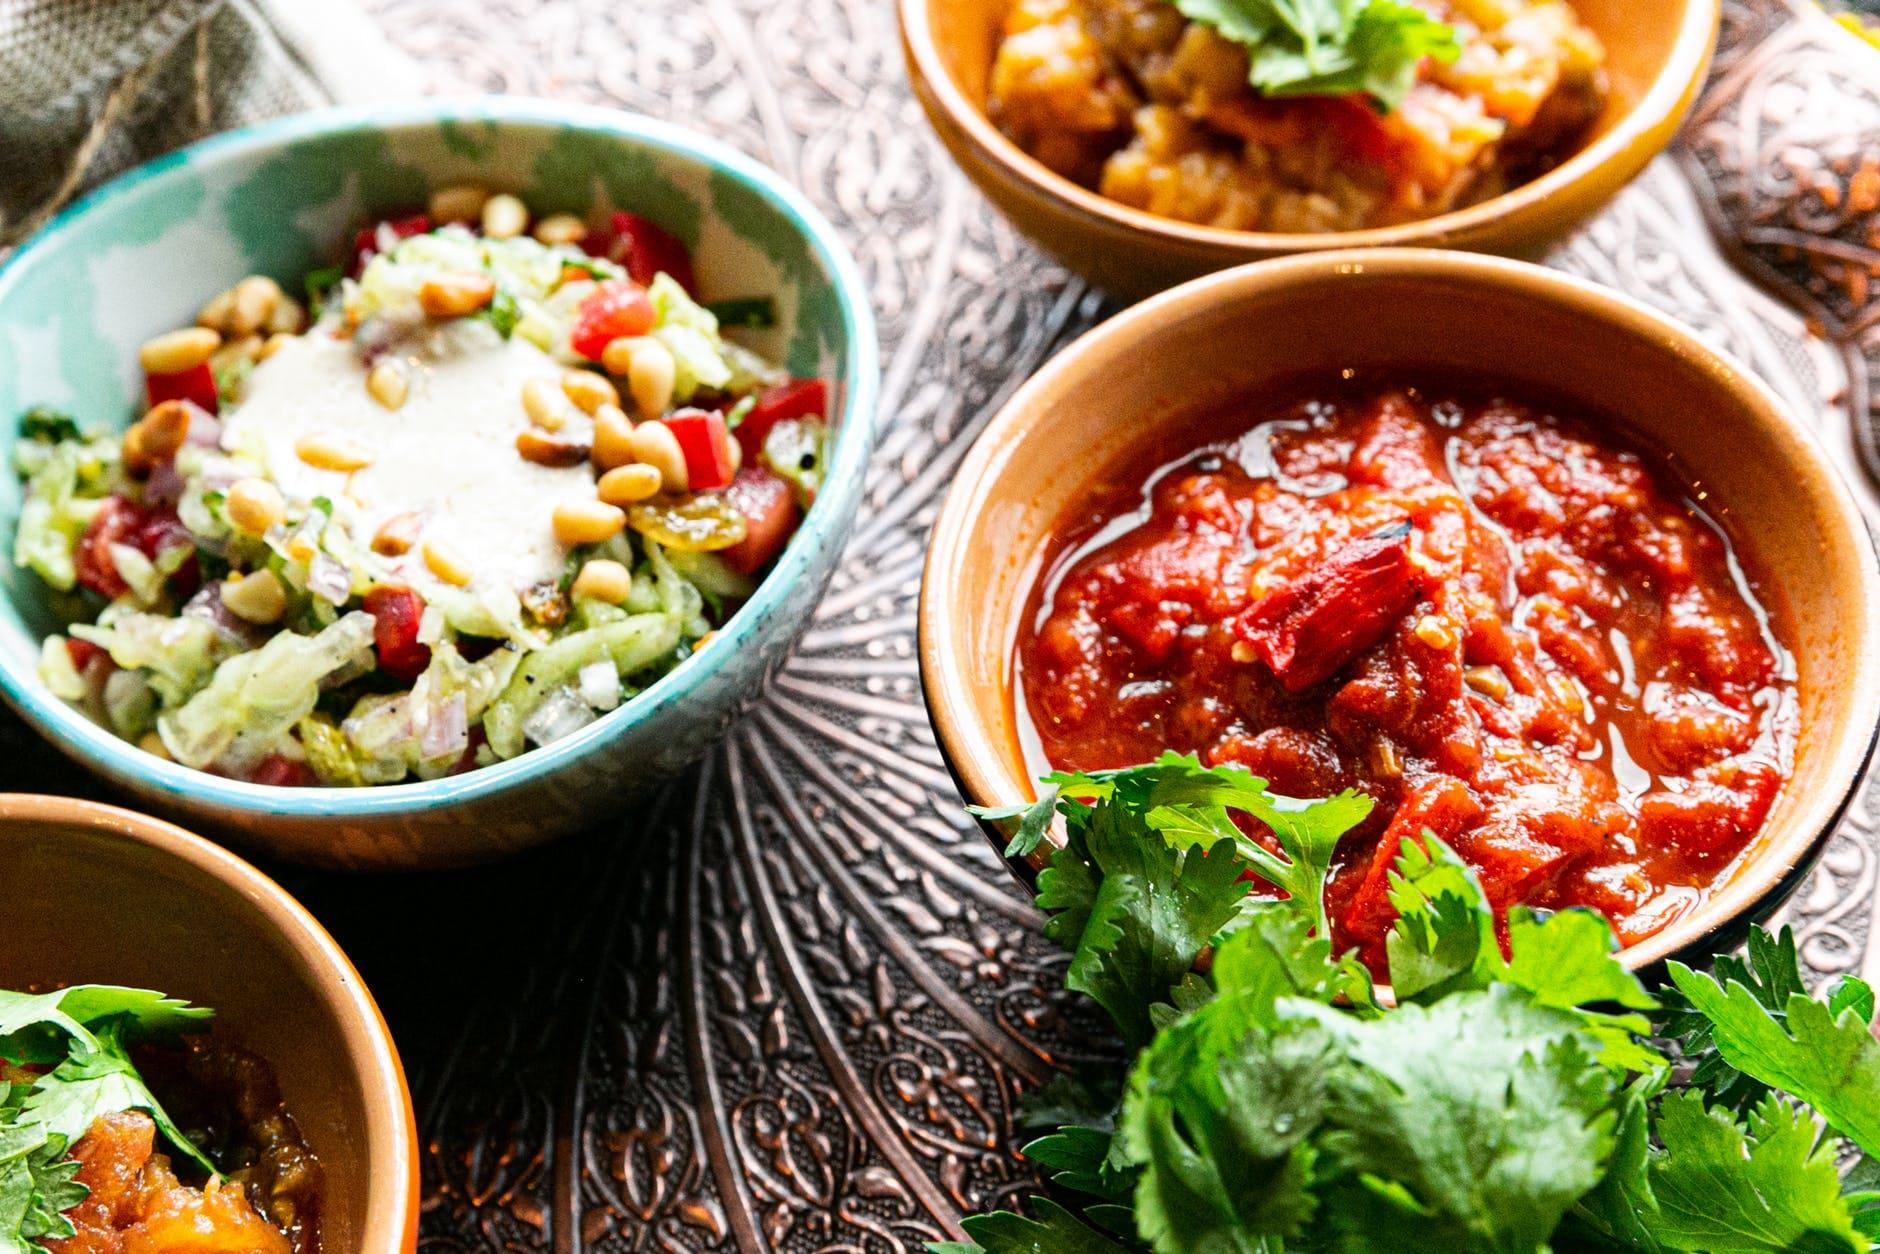 Delicious and delicious corn salad